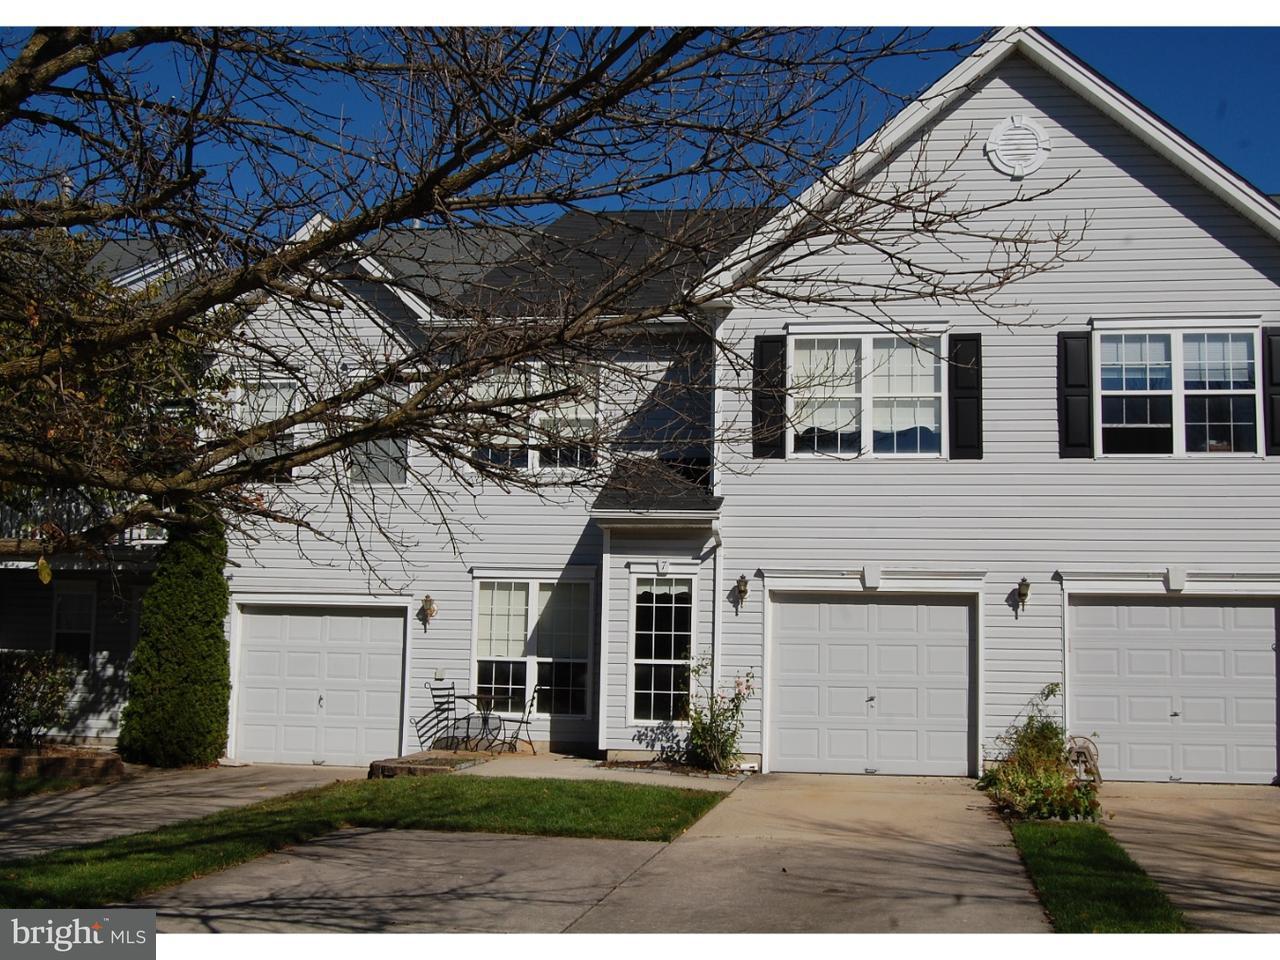 Casa unifamiliar adosada (Townhouse) por un Venta en 7 CYPRESS POINT Court Blackwood, Nueva Jersey 08012 Estados Unidos